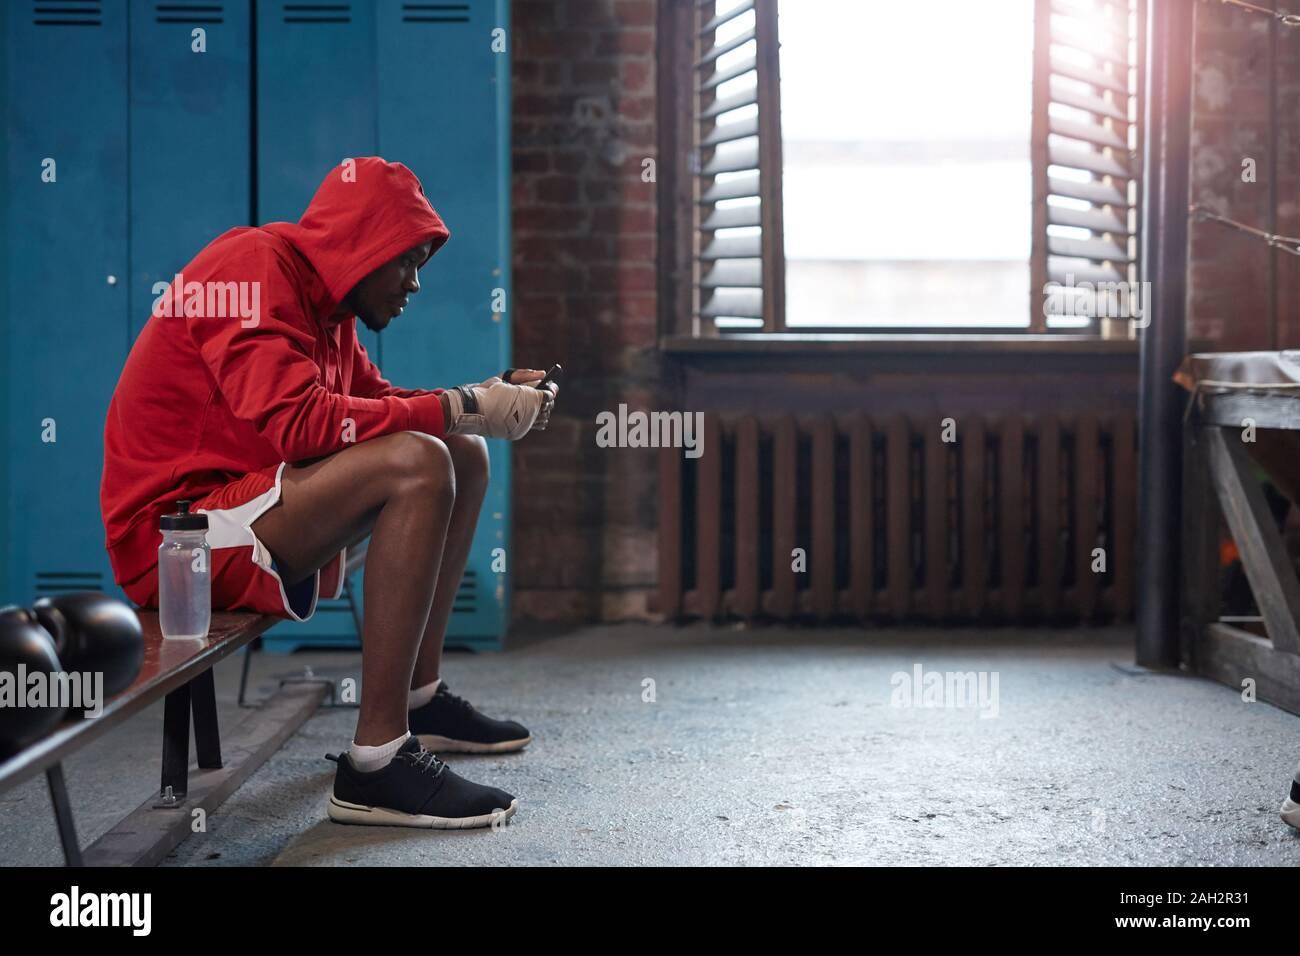 Muskulöse Boxer im Sport Kleidung sitzt auf der Bank und mit seinem Mobiltelefon in der Umkleide Stockfoto